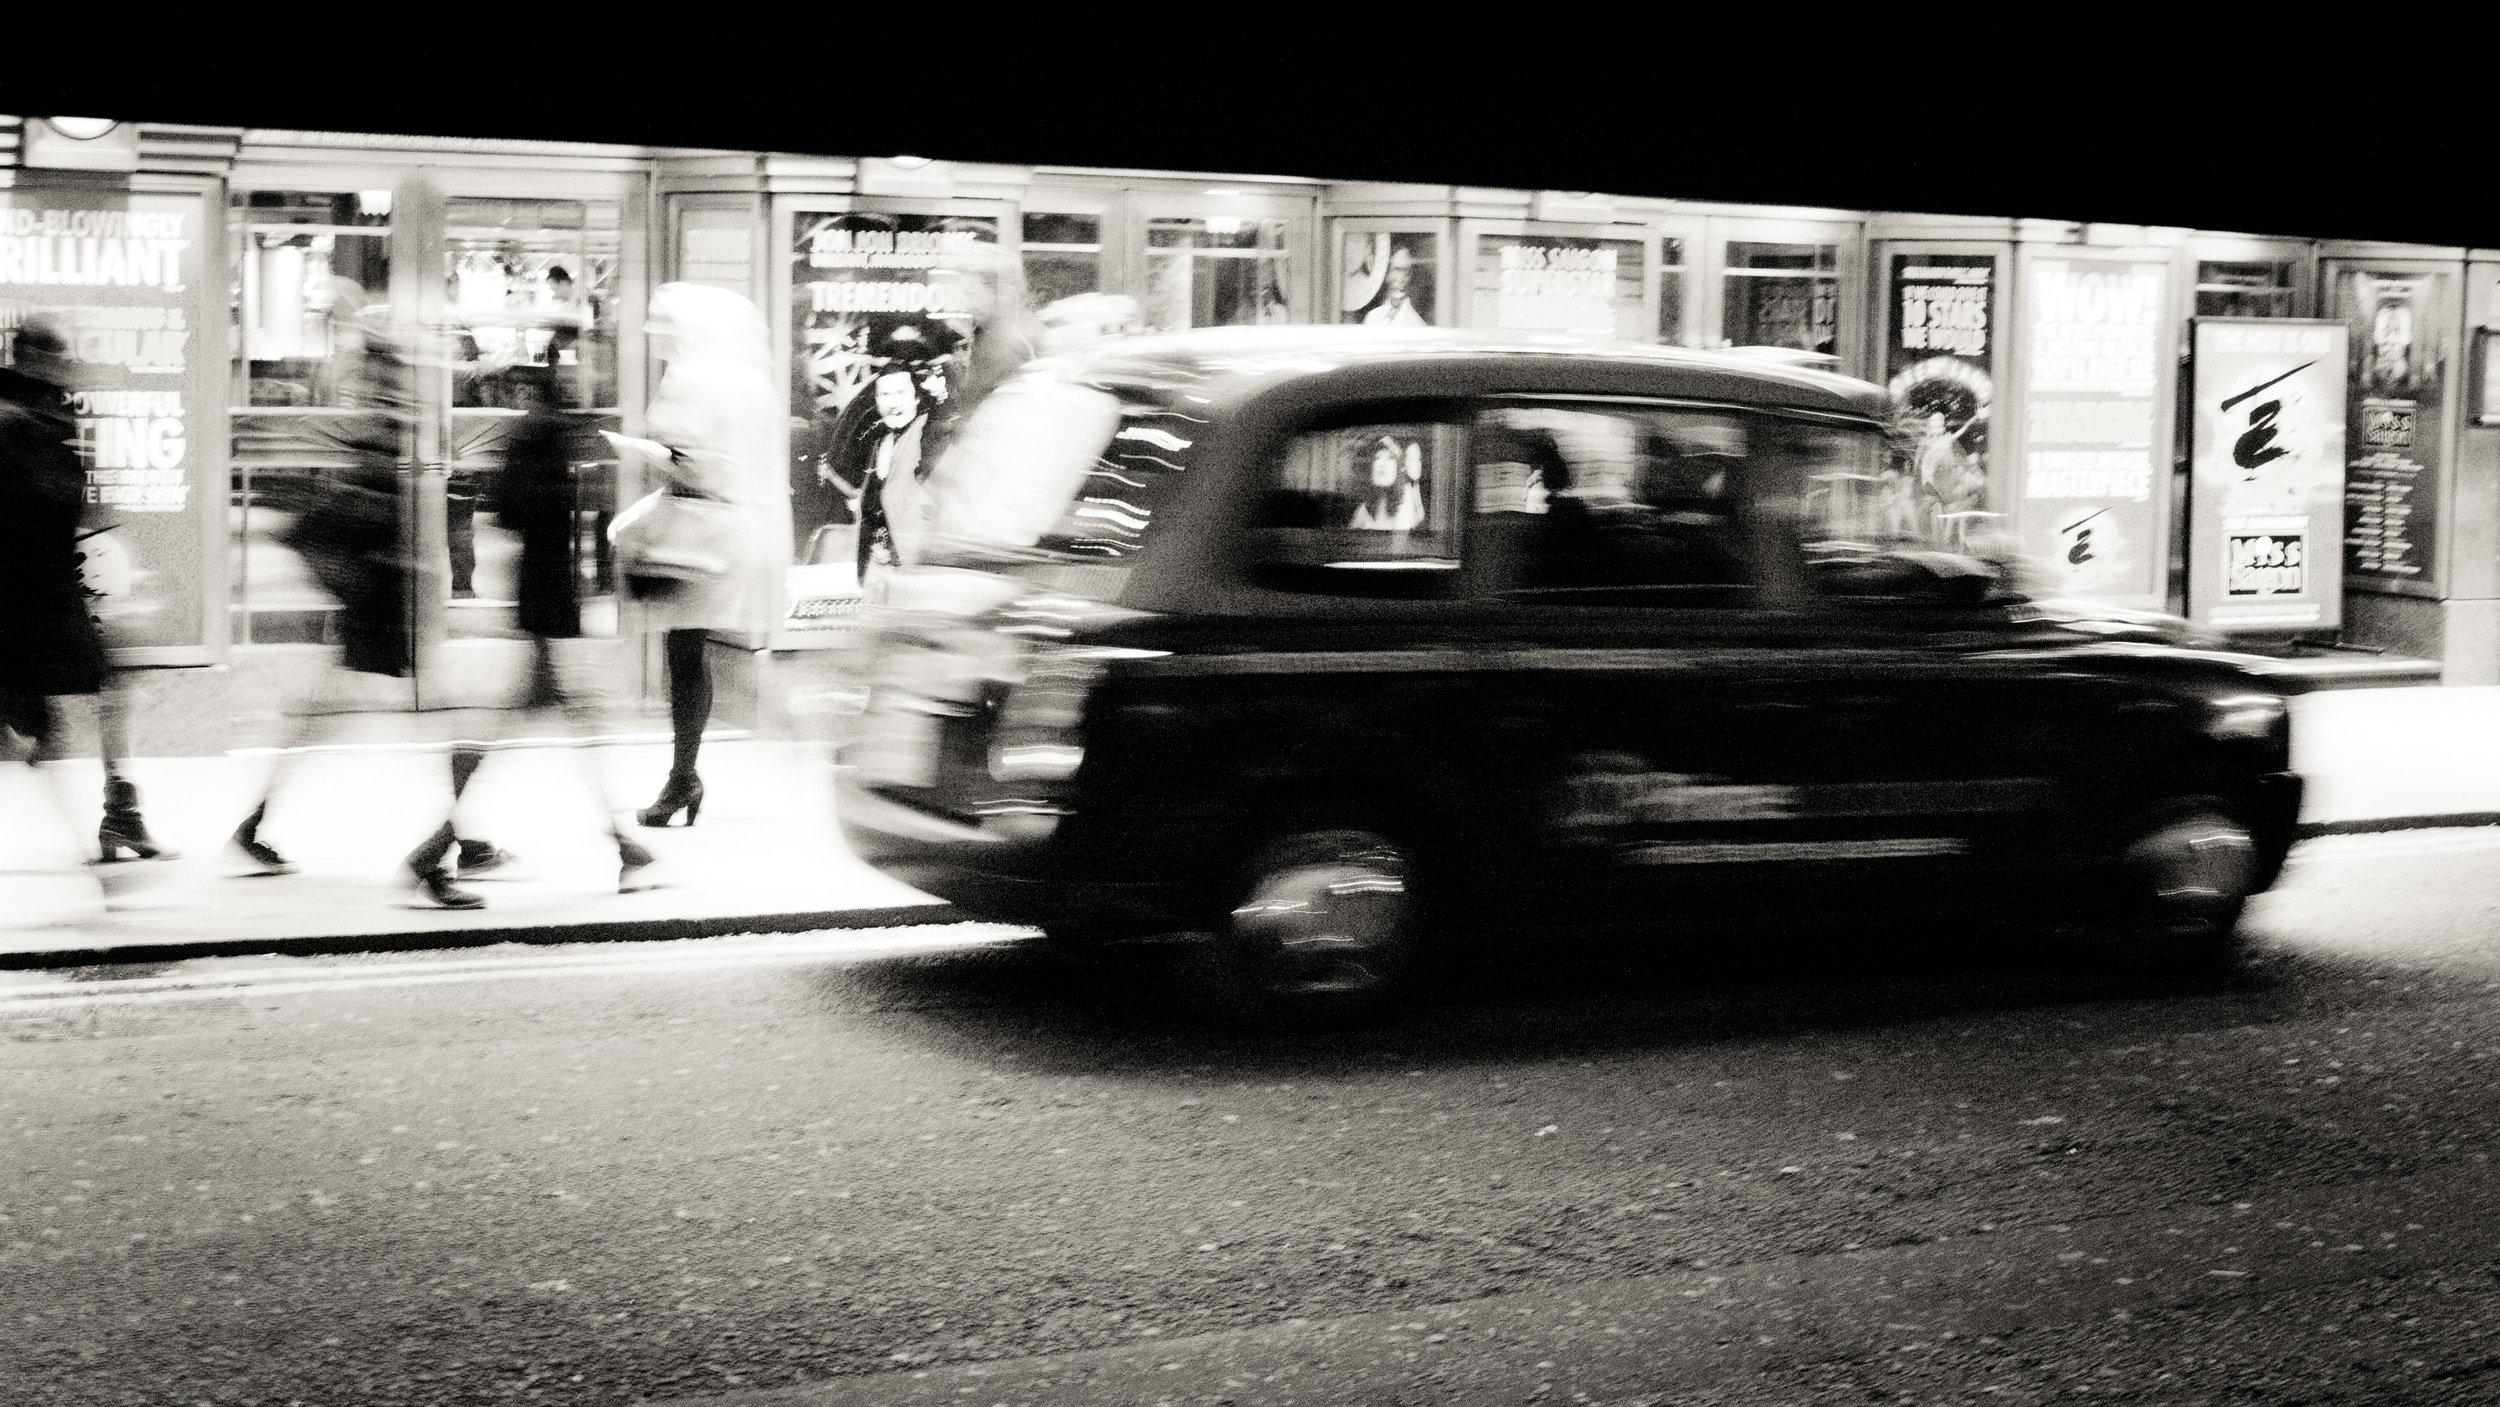 Soho_London-0001.jpg